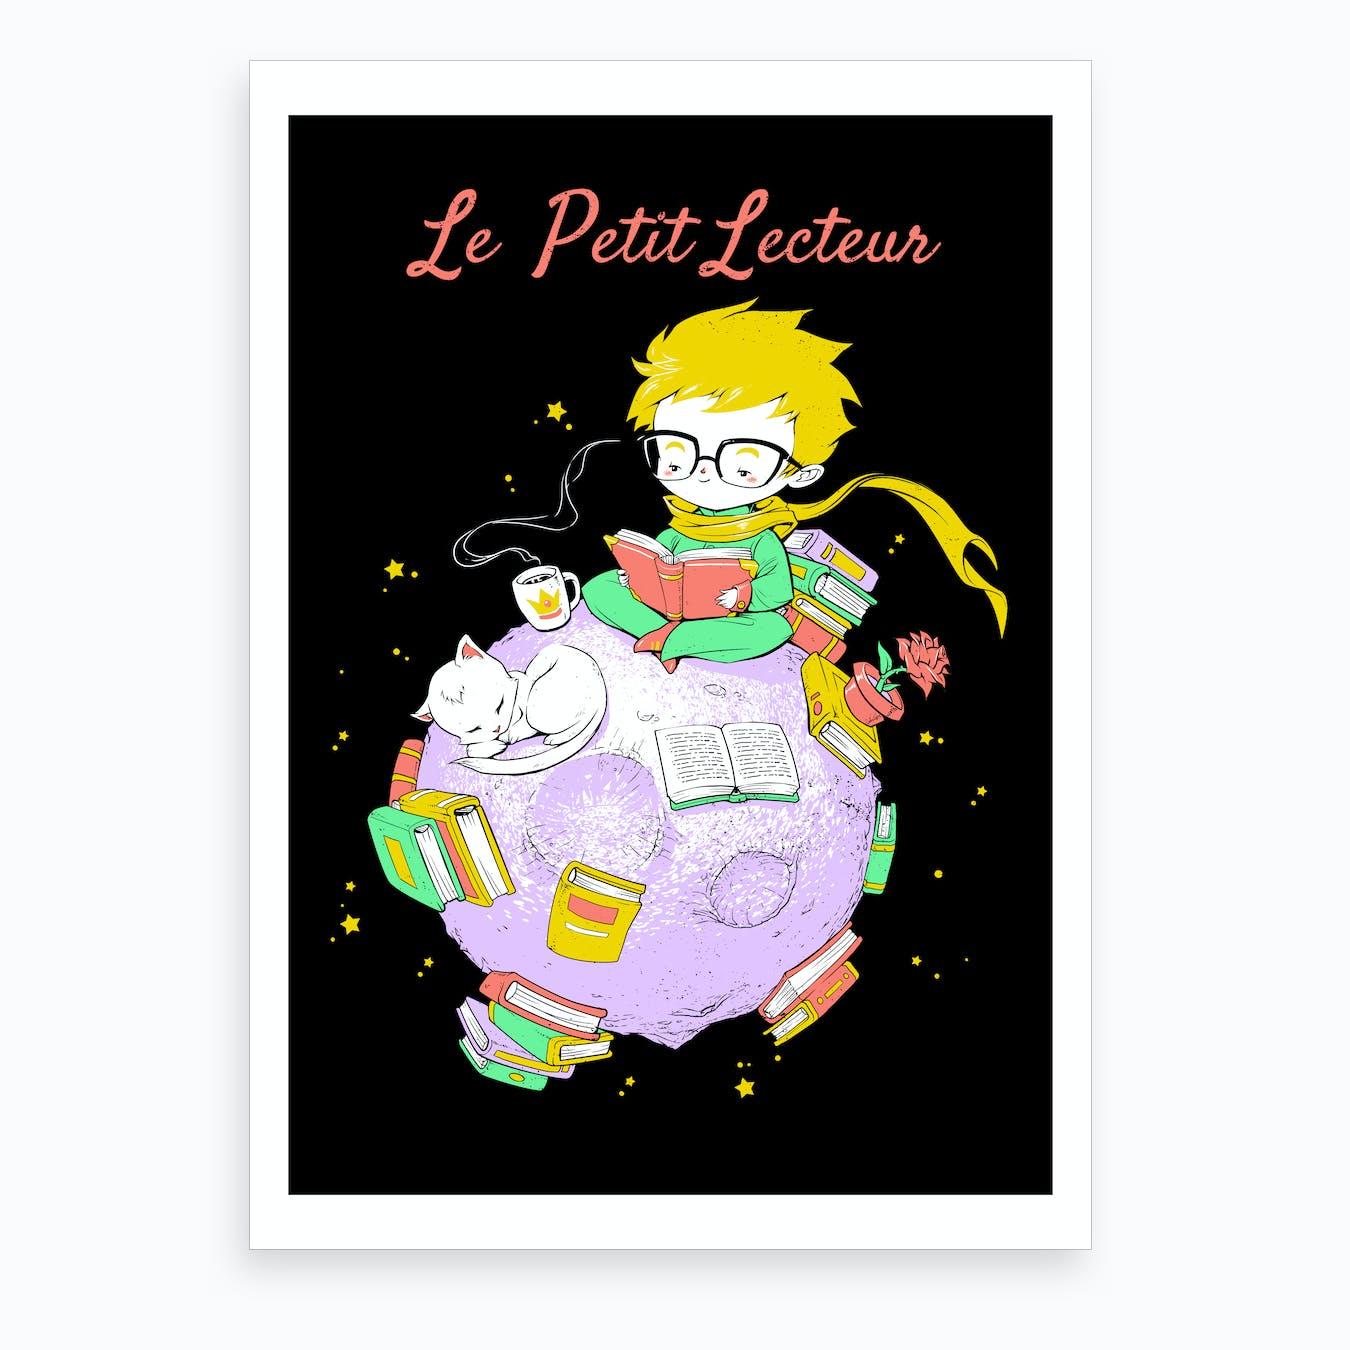 Le Petit Lecteur - The Little Reader Art Print